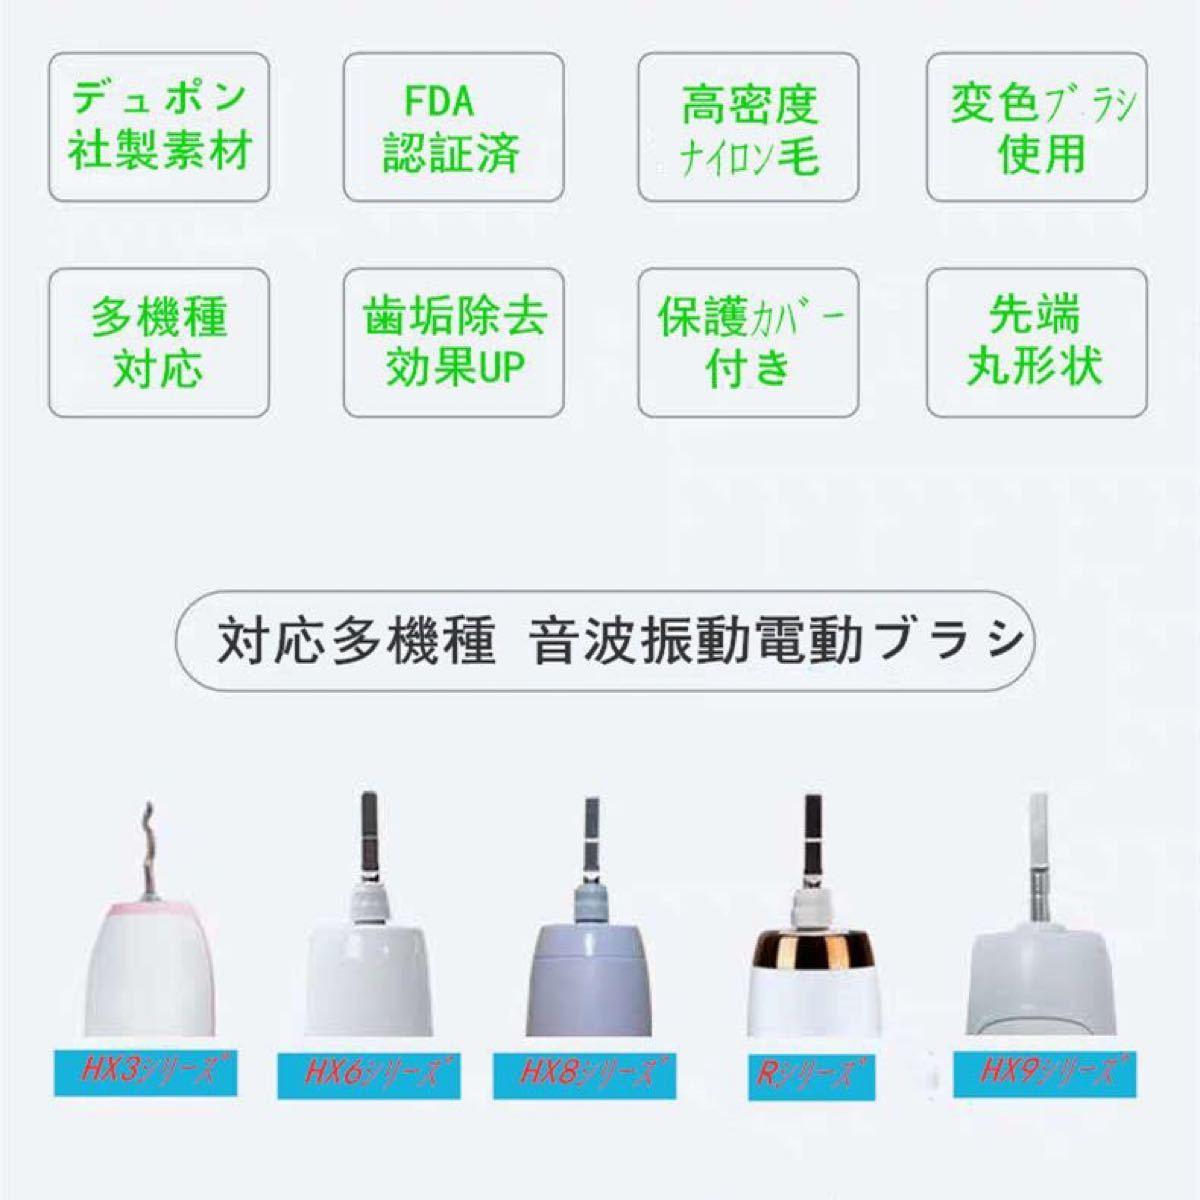 電動歯ブラシ白い 8個セット替えブラシ フィリップス対応 歯ブラシ ソニッケアー